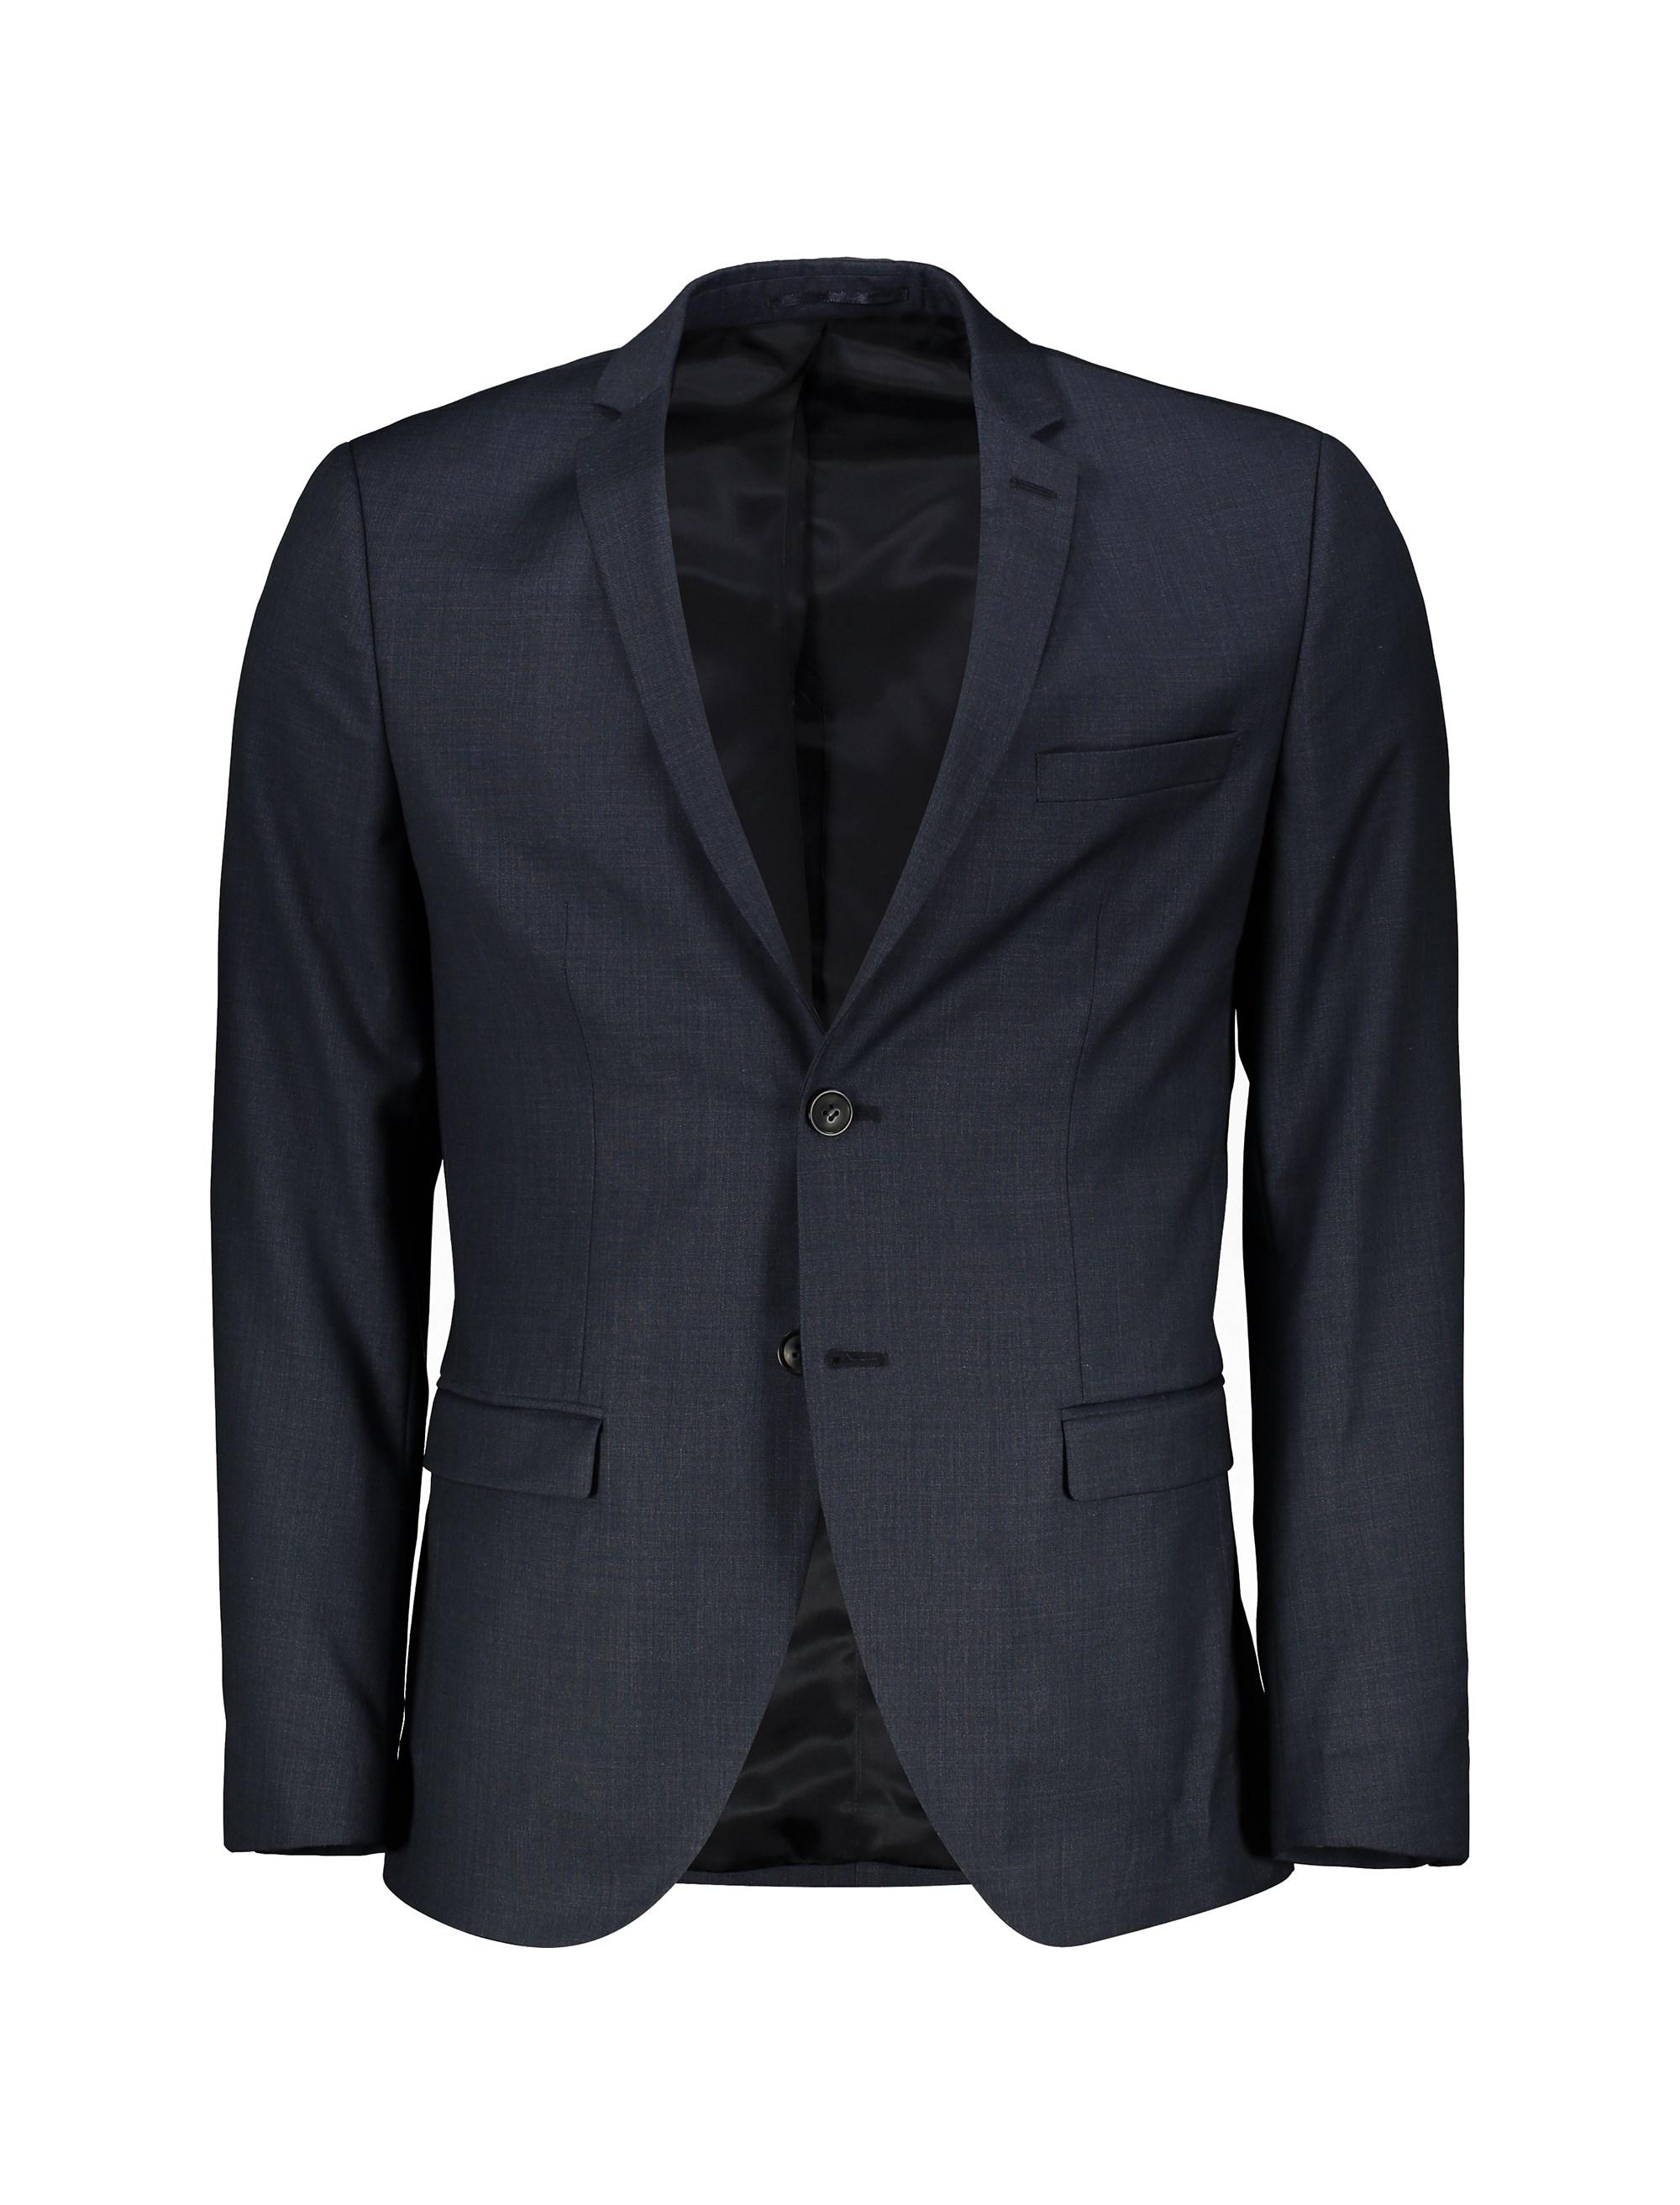 کت تک رسمی پشمی مردانه - سرمه اي - 1